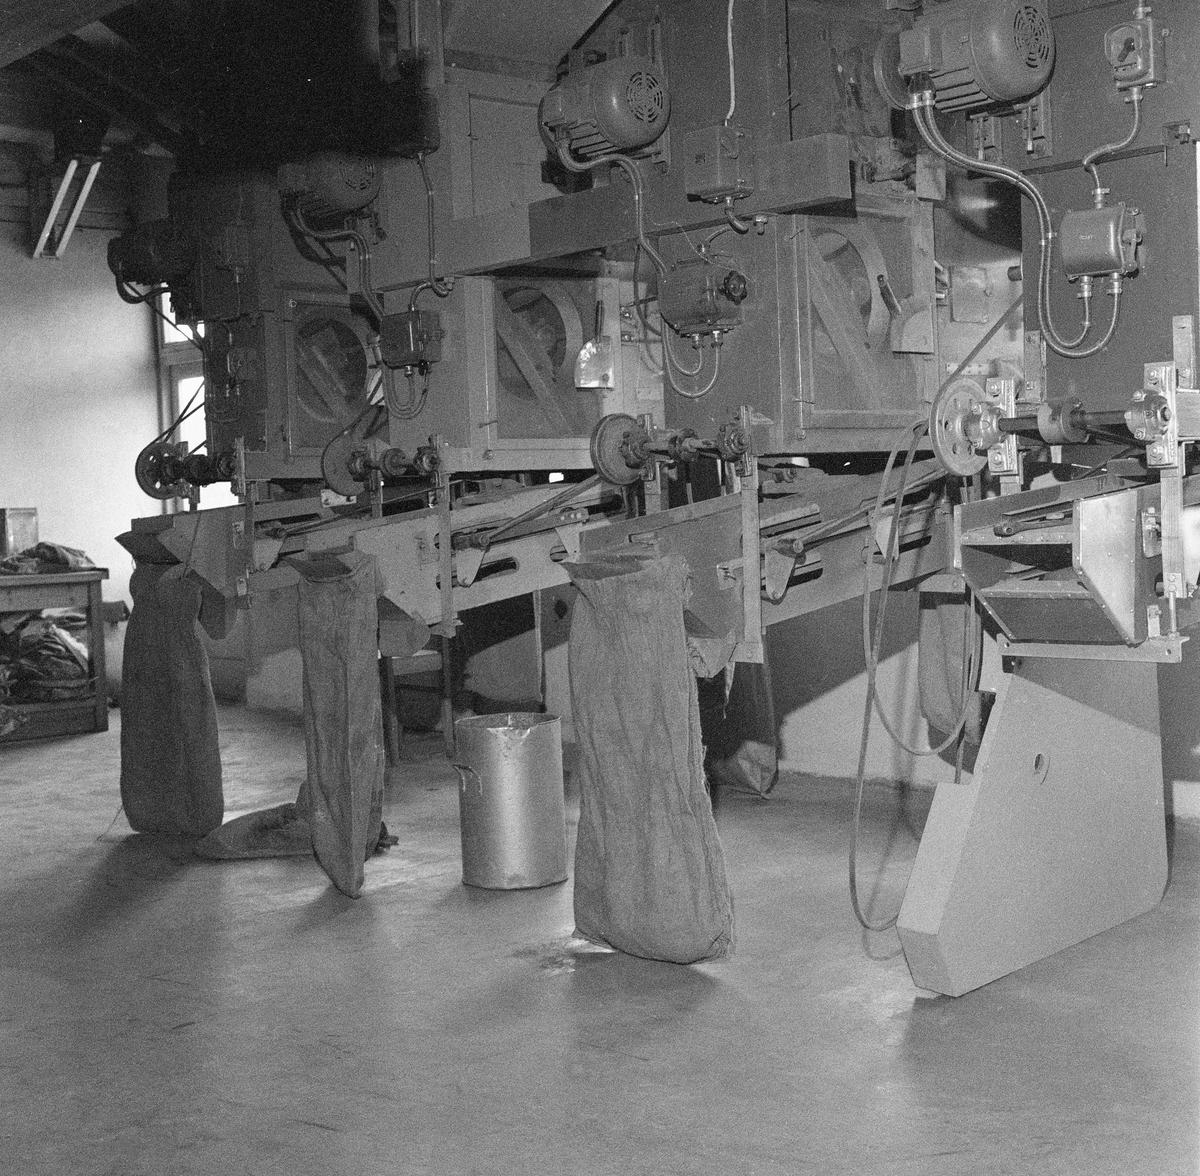 Interiør fra Statens skogfrøverk – seinere Det norske Skogfrøverk – på Hamar. Frøverksbygningen ble innviet i 1953, og den ble da ansett for å romme verdens største produksjonsanlegg for skogfrø.  Dette fotografiet er sannsynligvis tatt om lag ti år seinere. Motivet er antakelig rensemaskiner, alle drevet av separate elektromotorer.